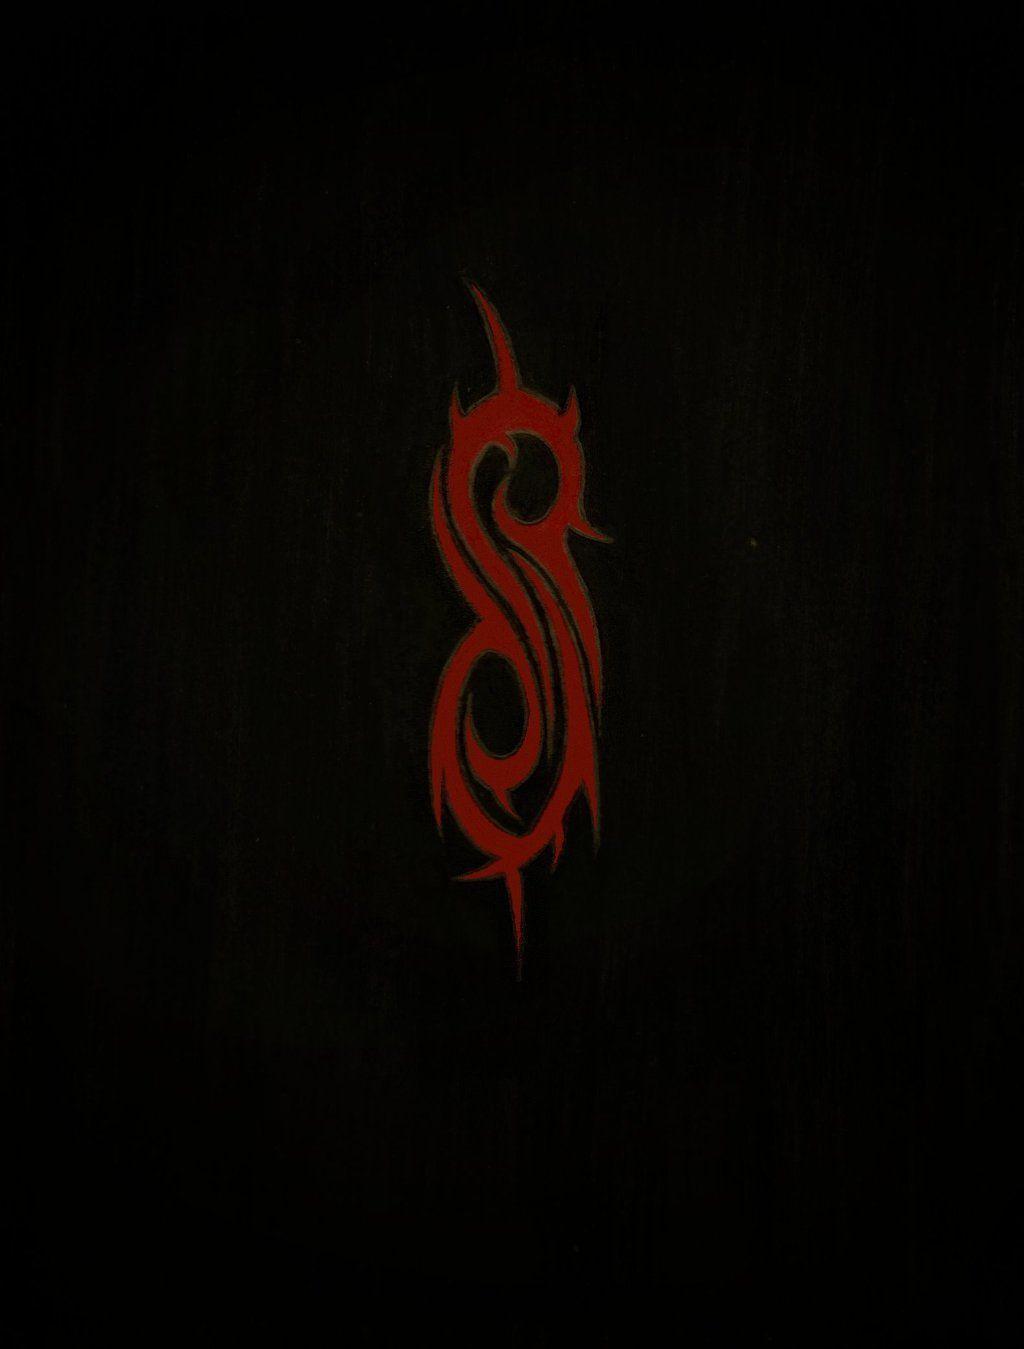 Slipknot Logo Wallpapers 2016 1024x1349